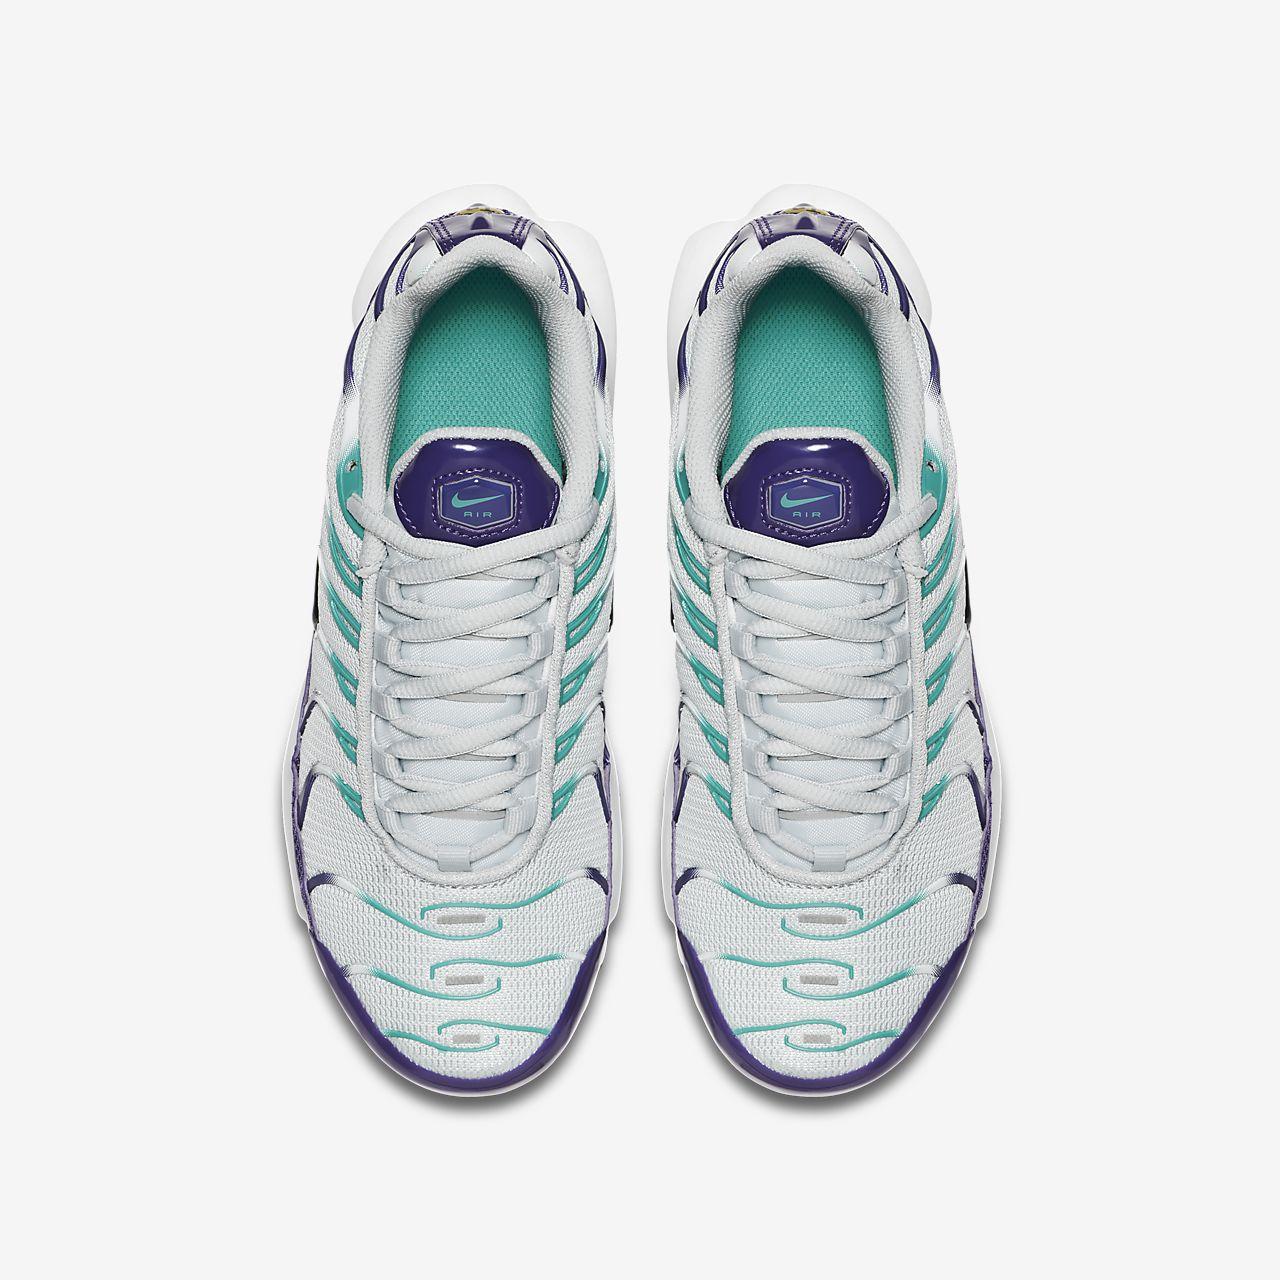 131a6351cf Nike Air Max Plus Older Kids' Shoe. Nike.com ZA